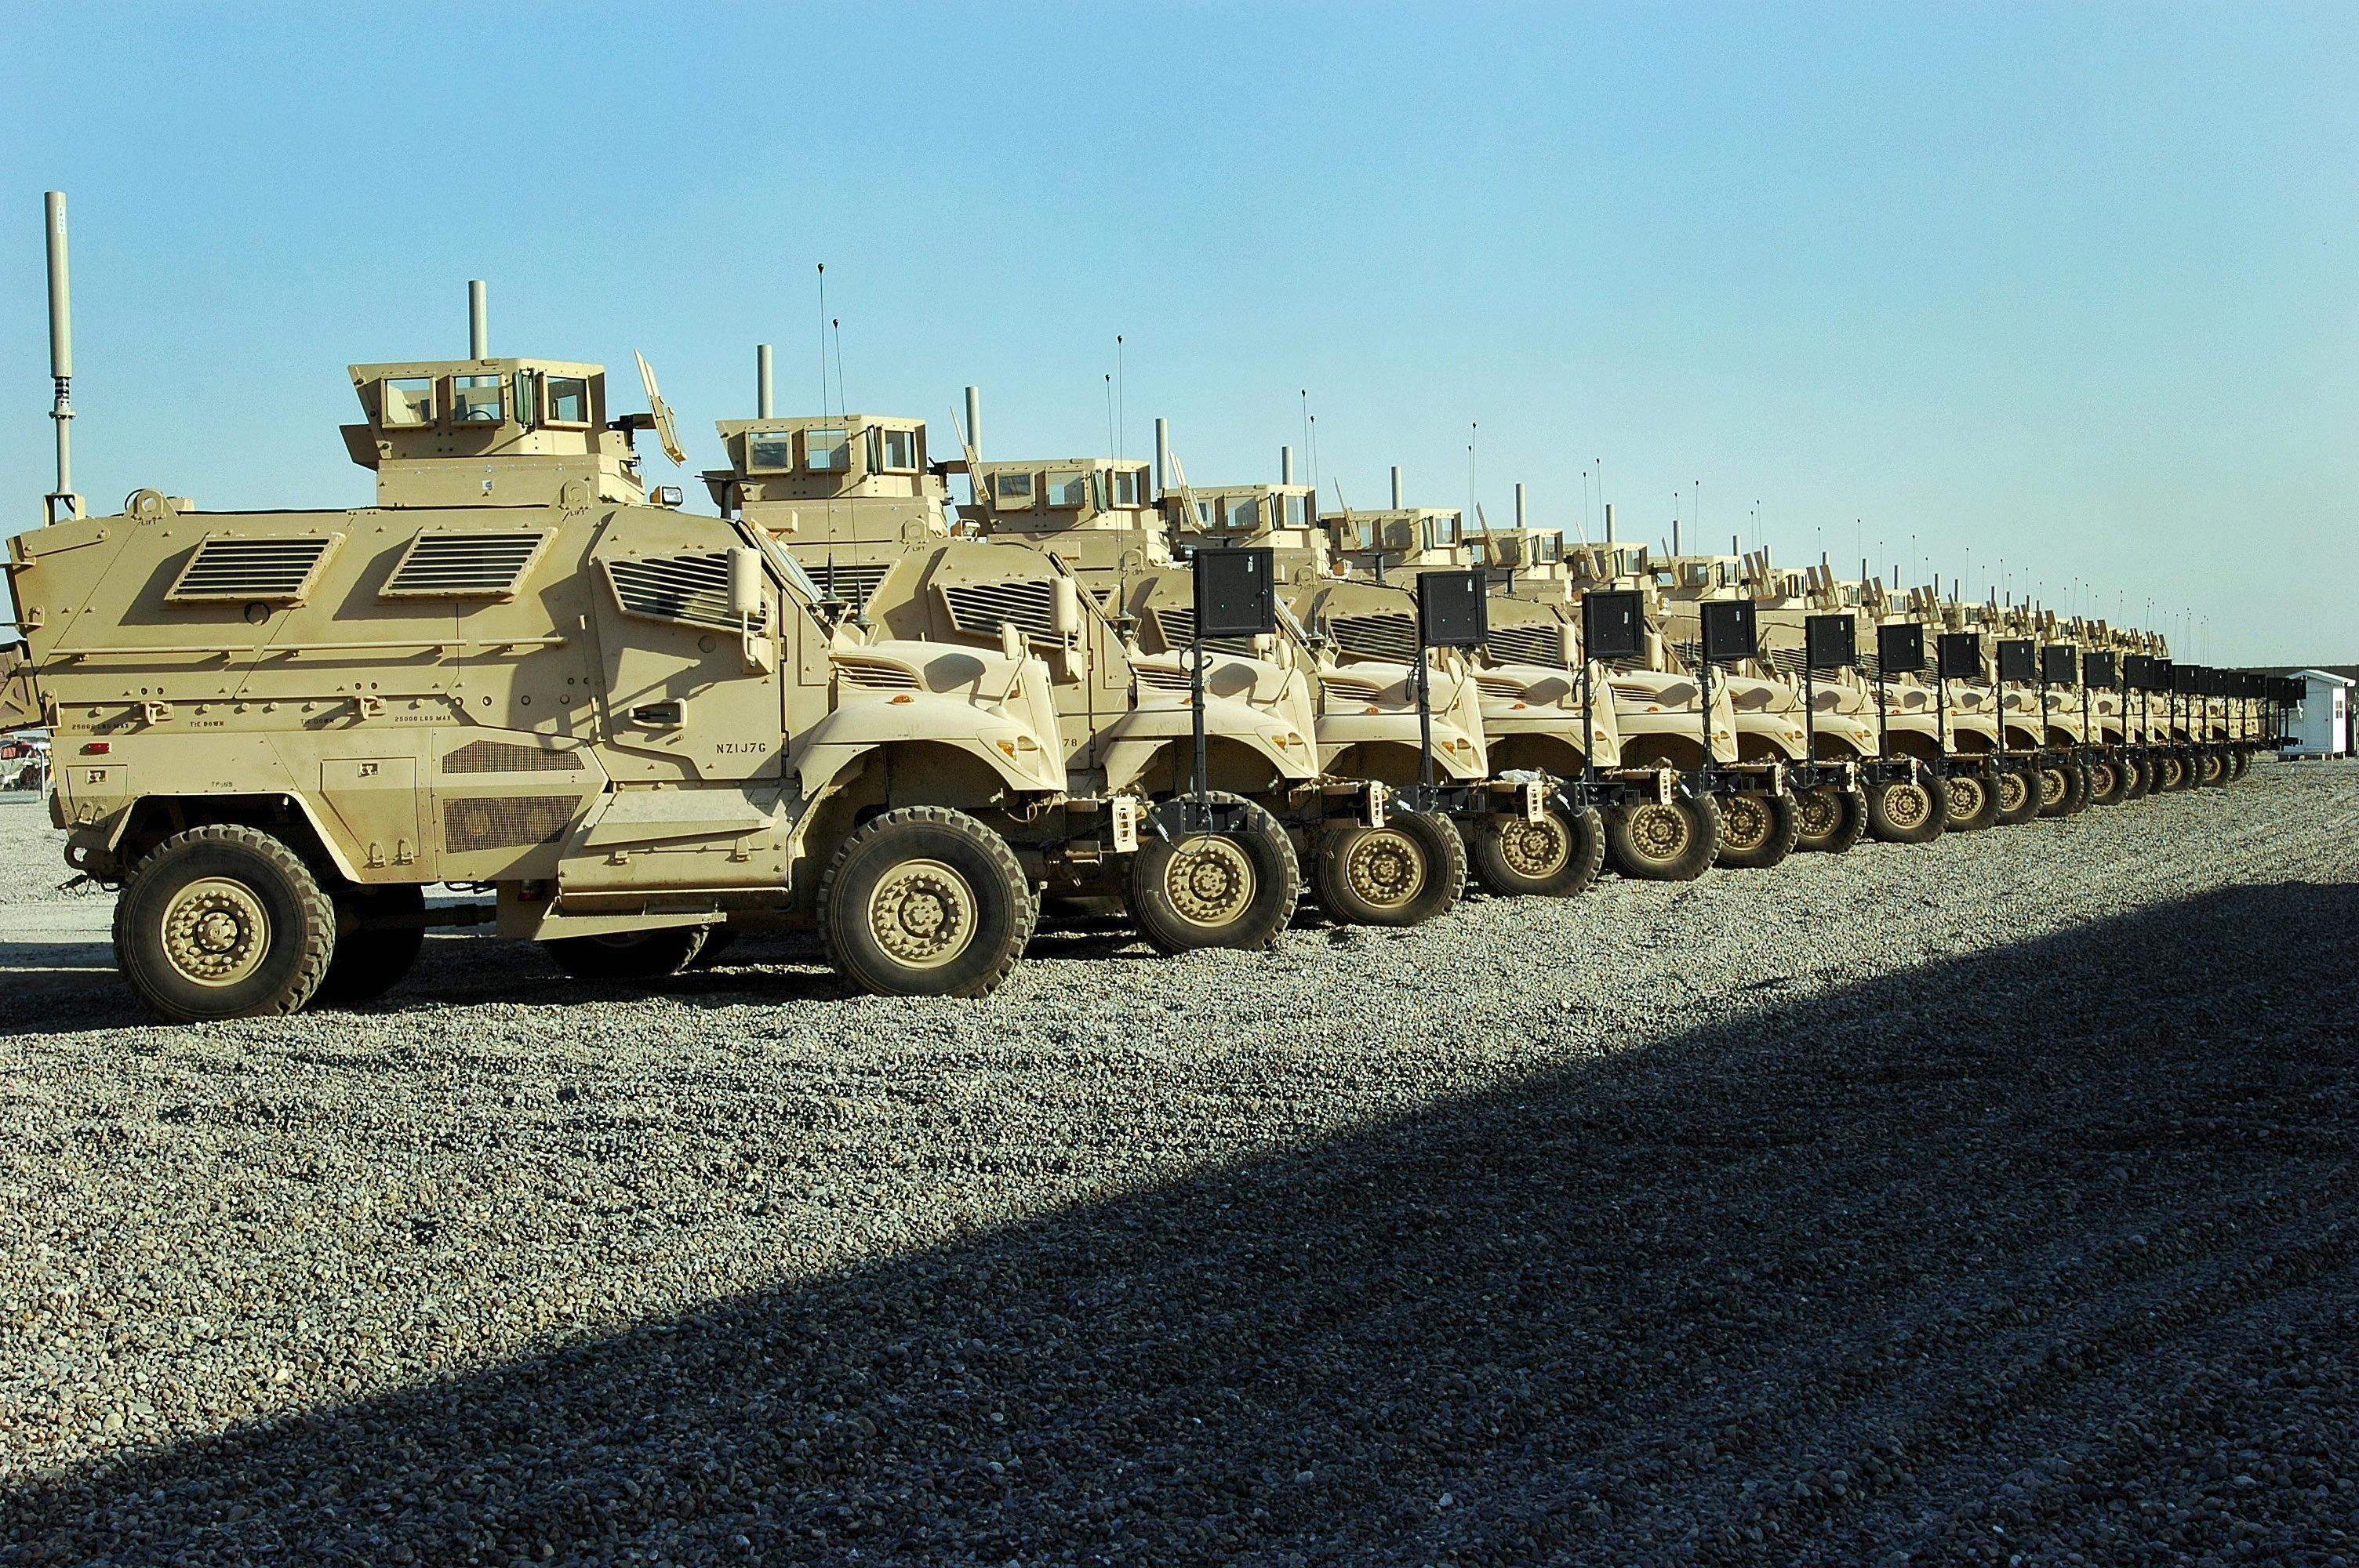 1st_MaxxPros_in_Iraq.jpg